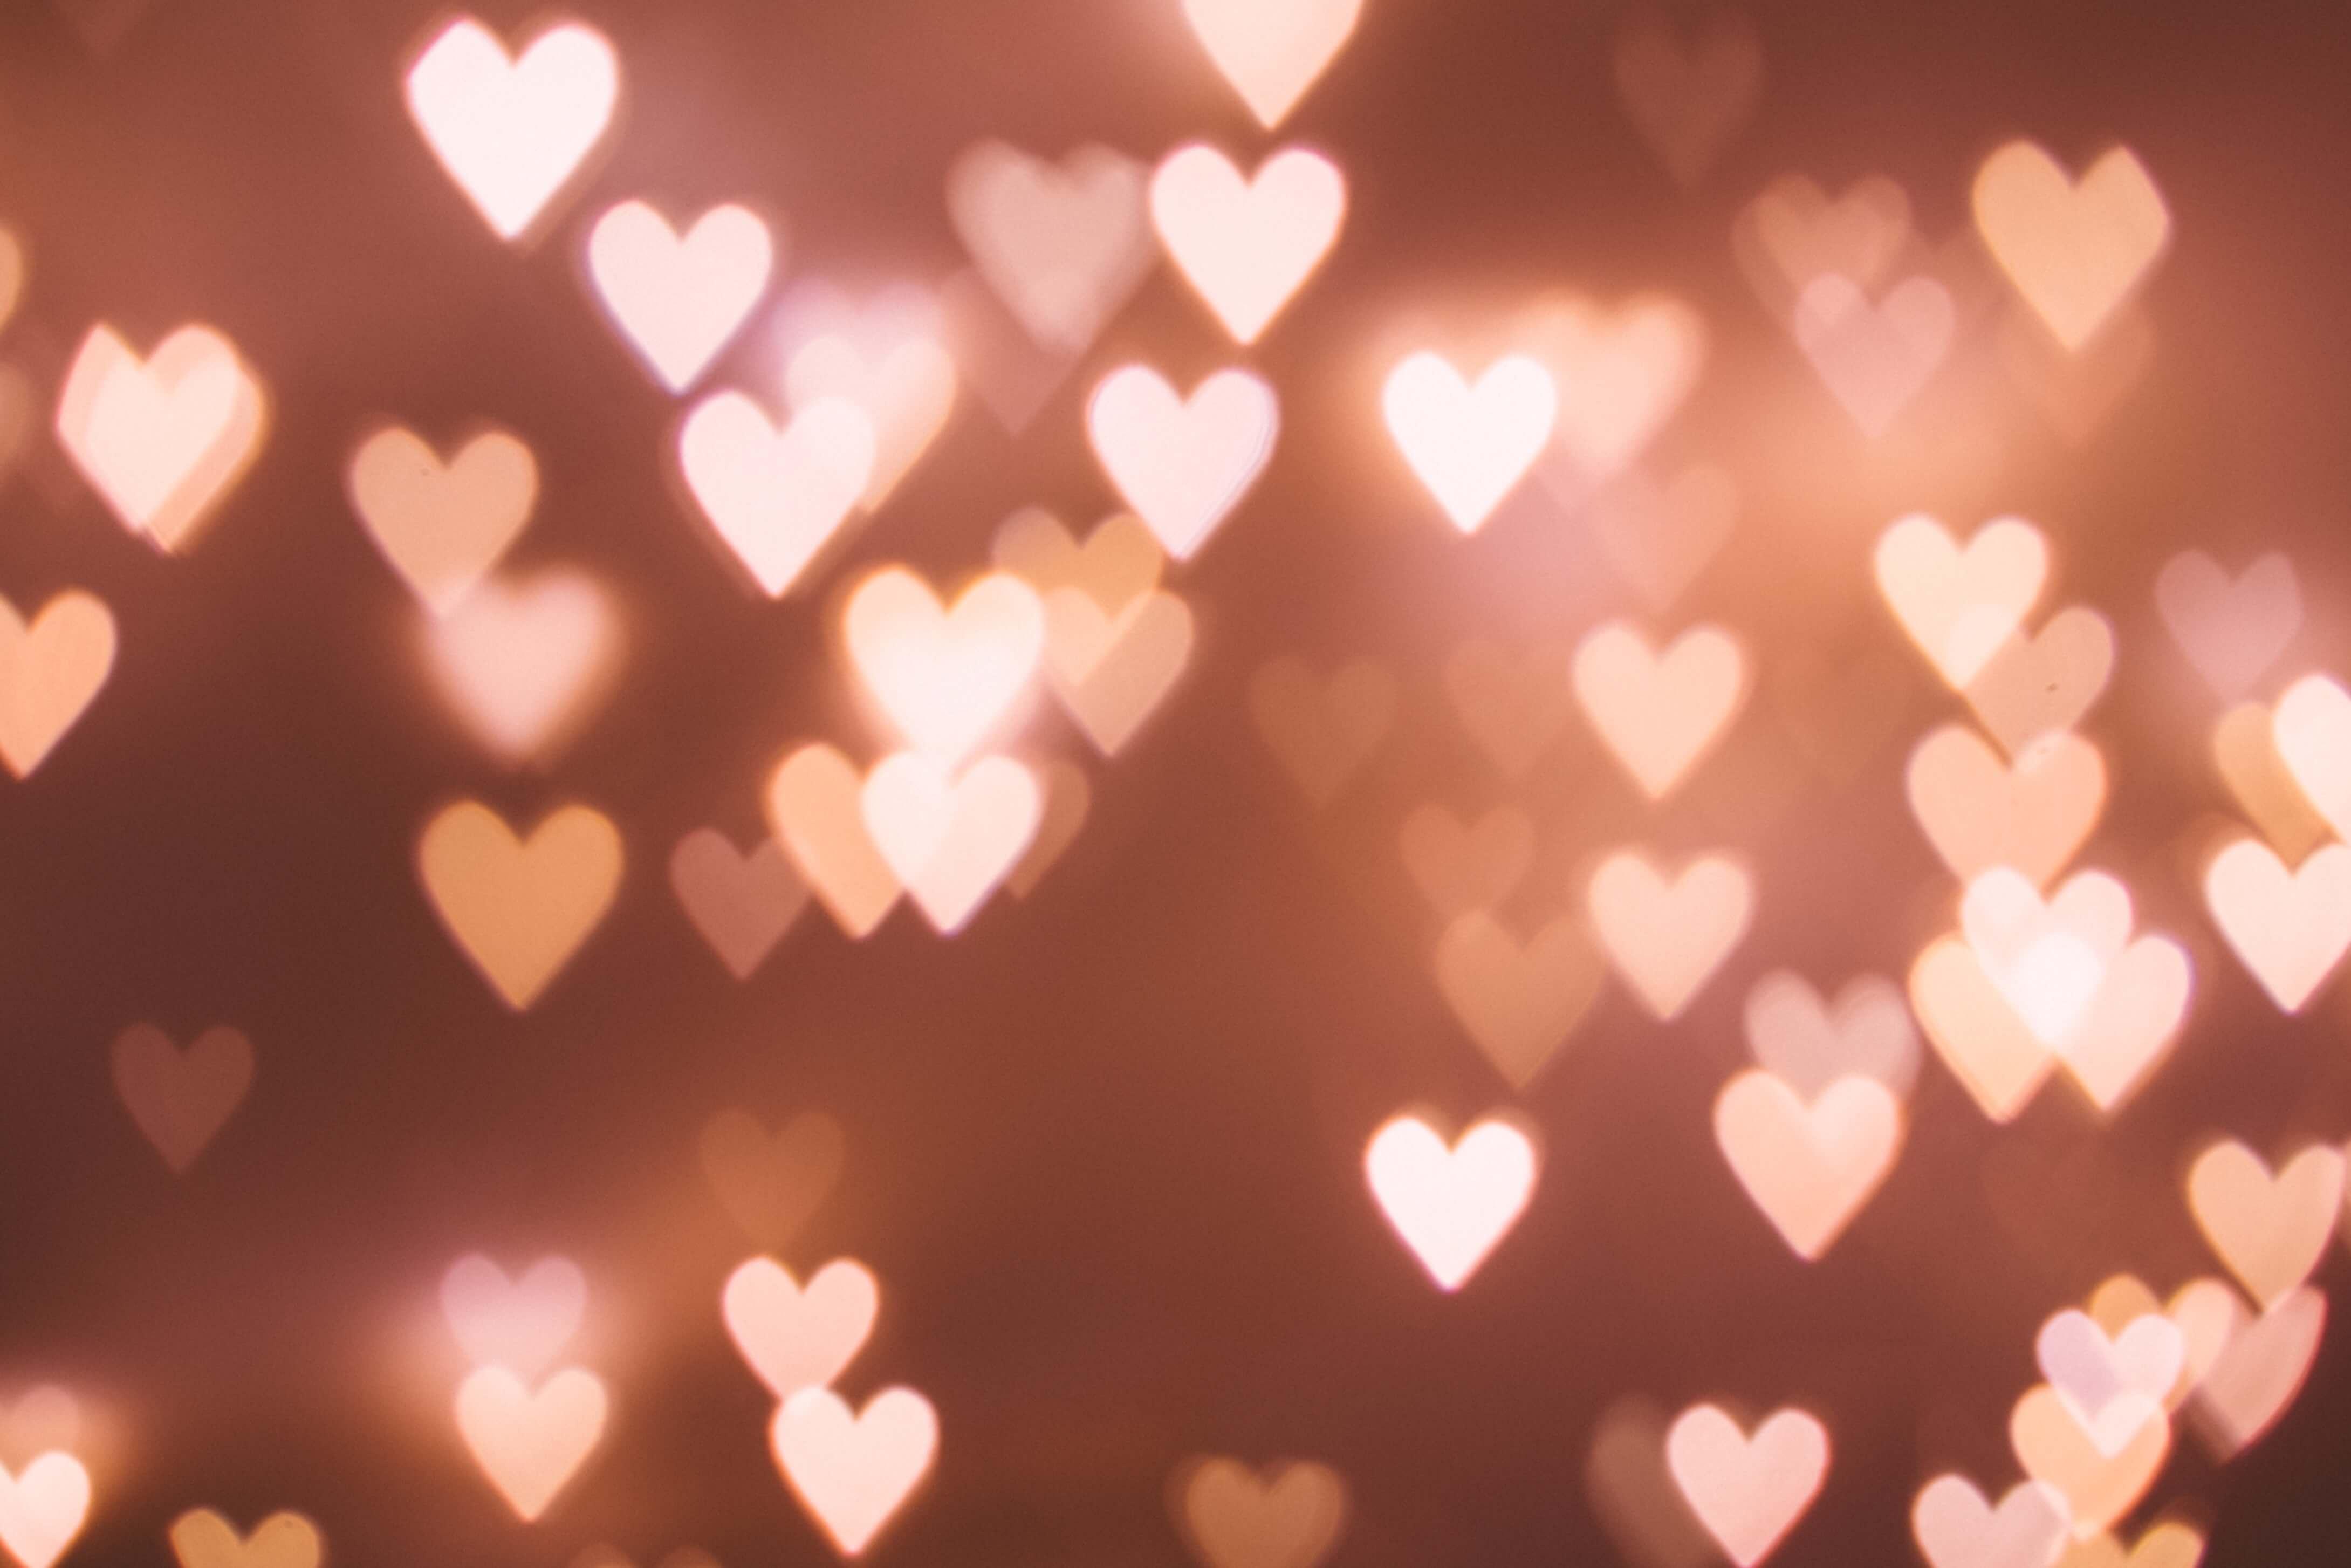 Amor ao próximo: 6 atitudes para transformar a vida das pessoas